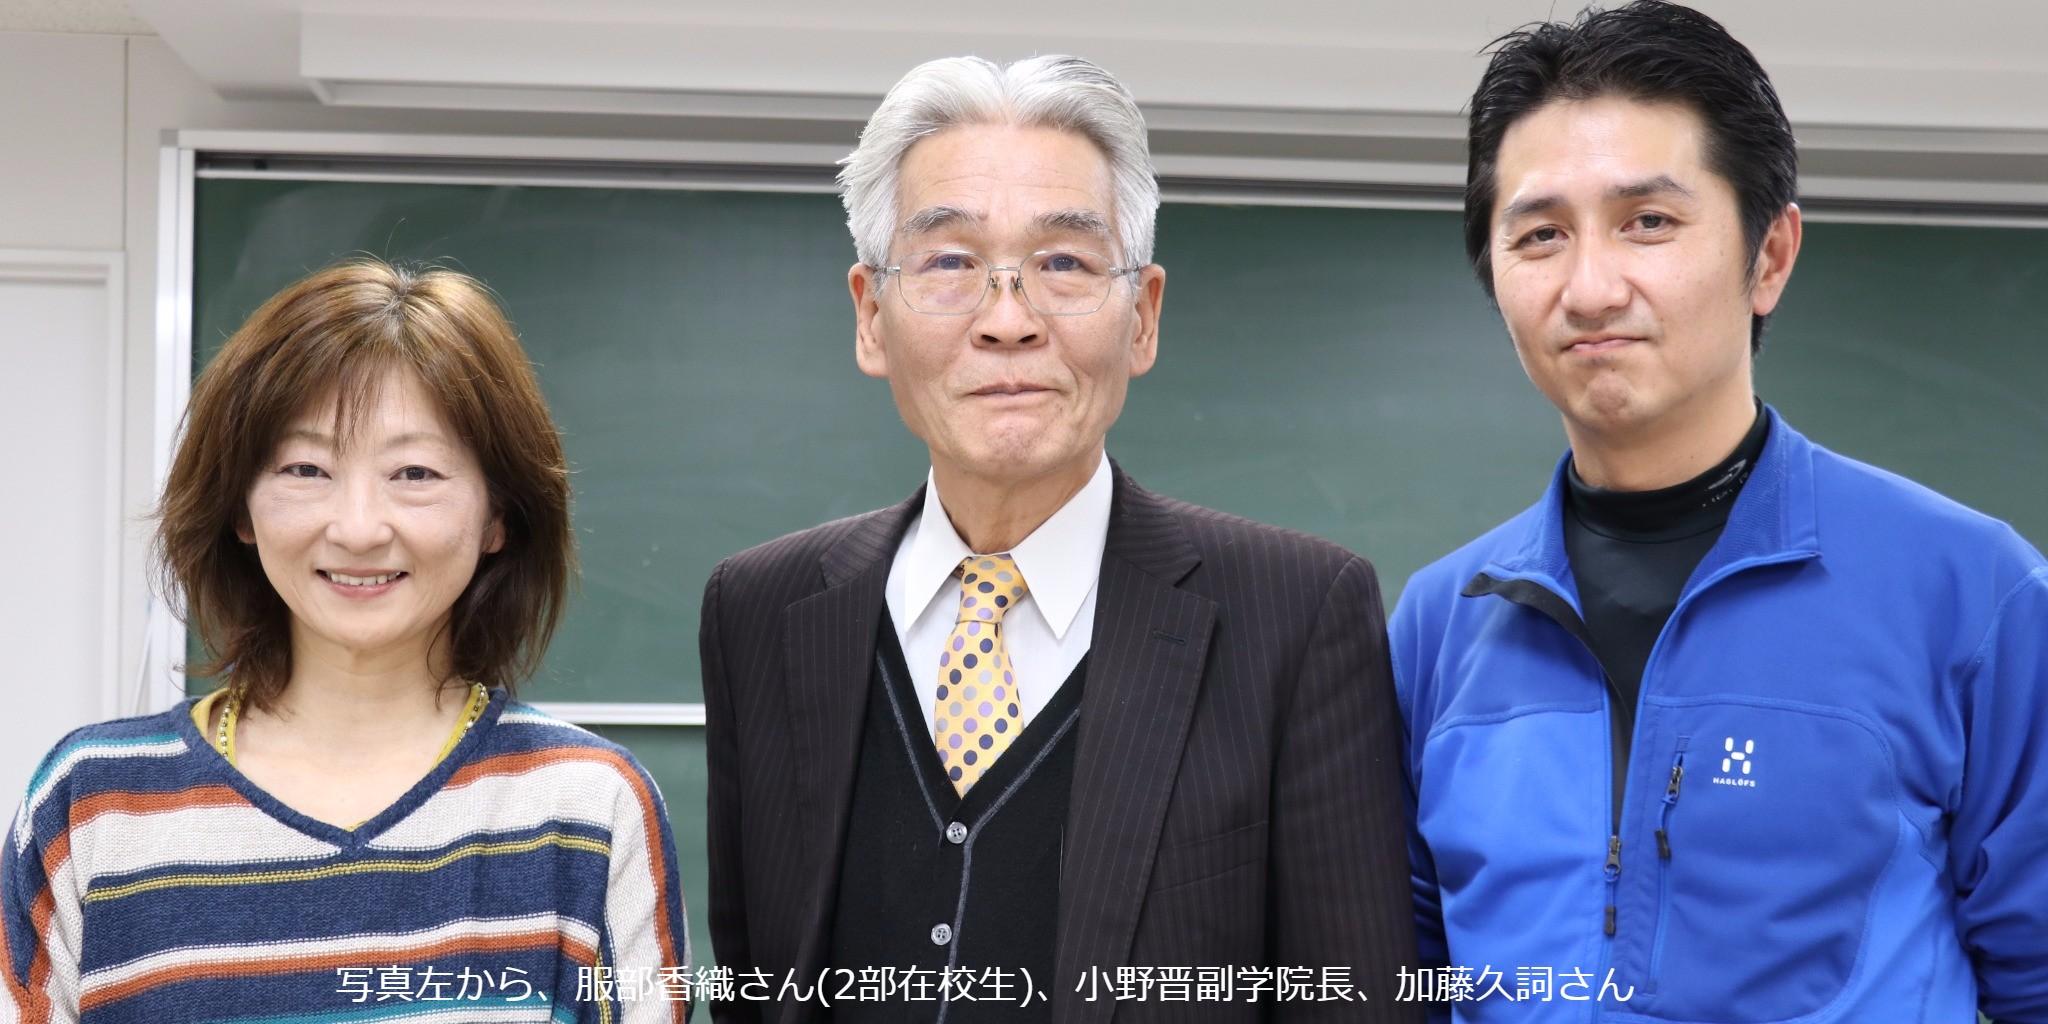 写真左から、服部香織さん(2部在校生)、小野晋副学院長、加藤久詞さん